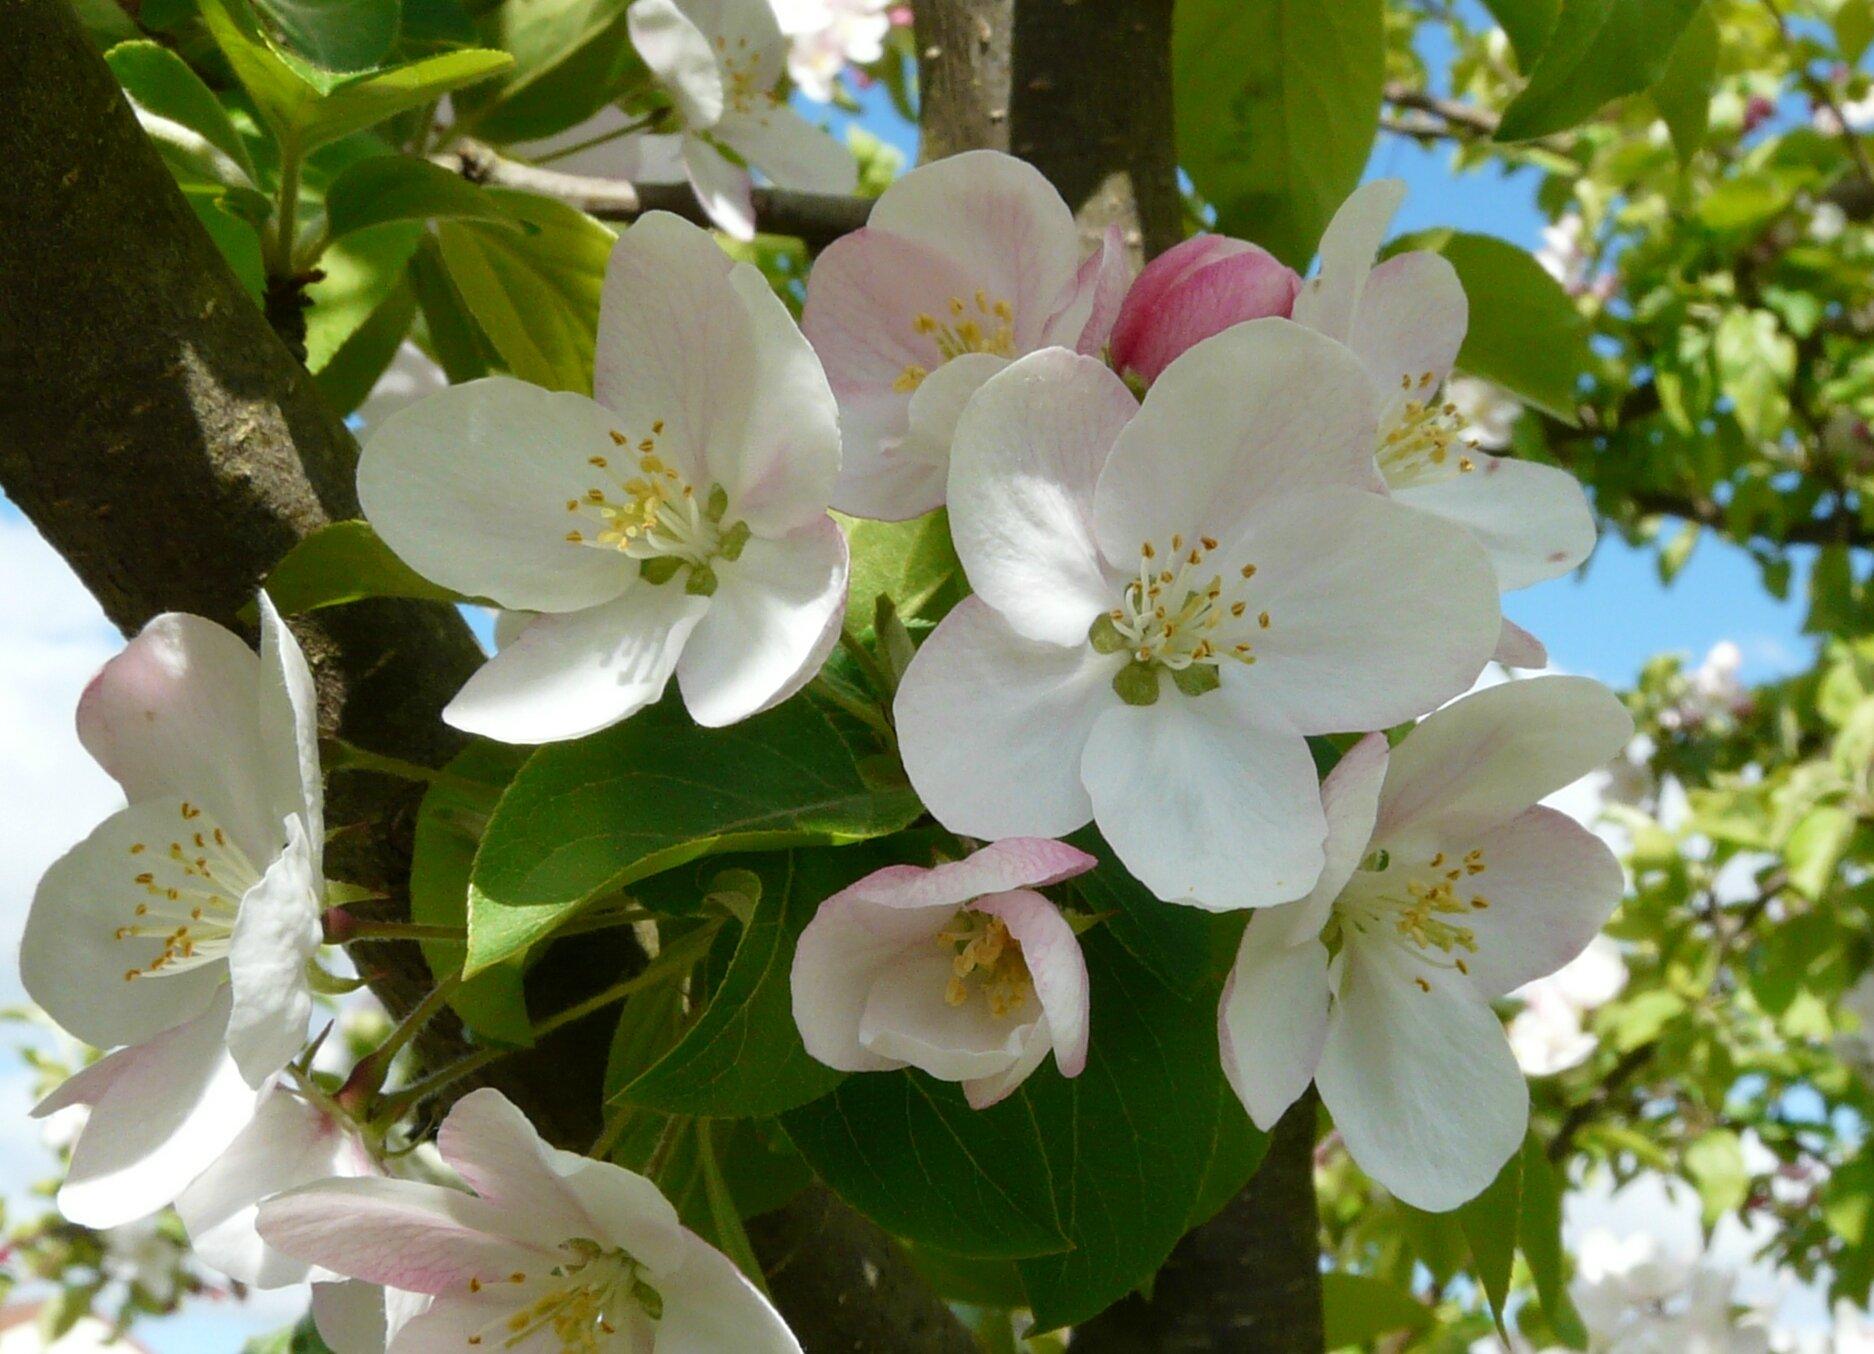 Vive le printemps le jardin de marguerite rose for Vive le jardin montaigu